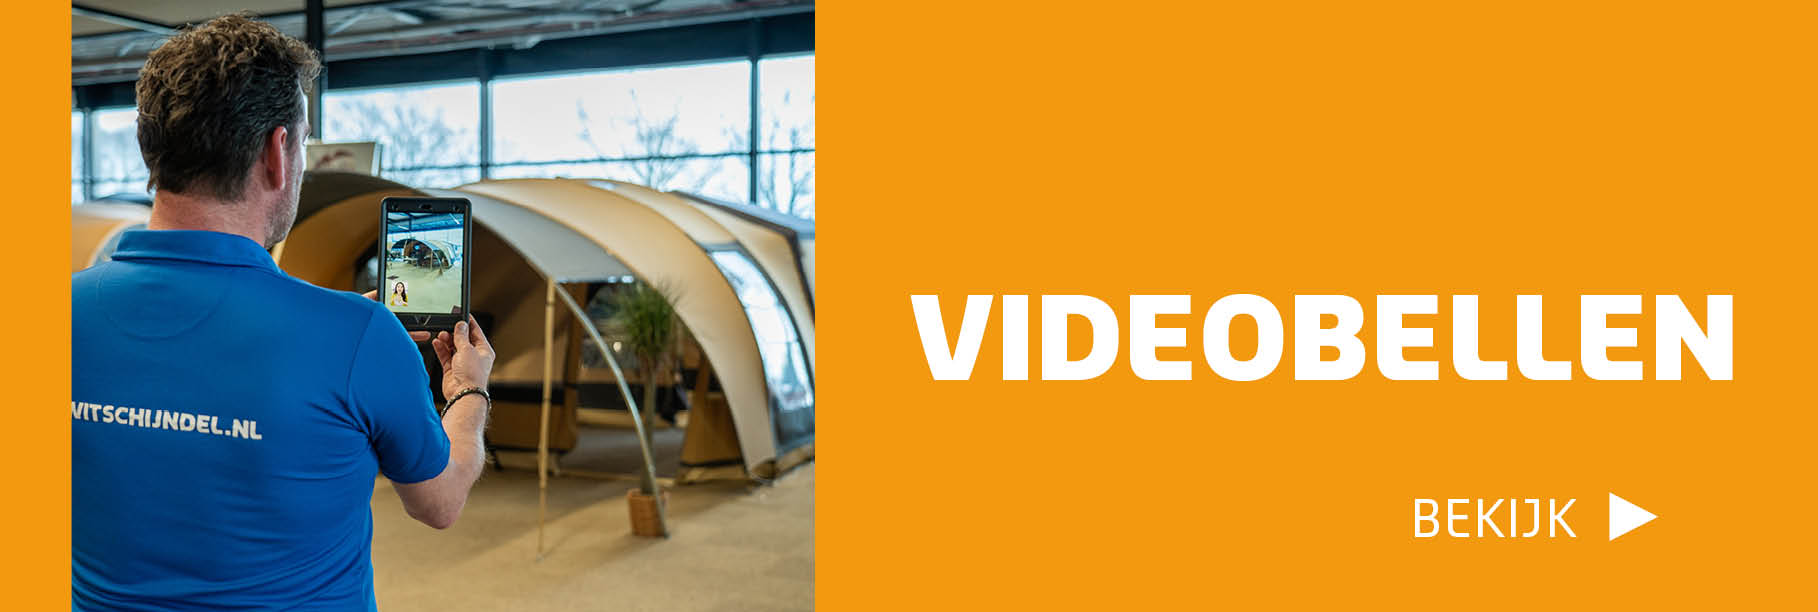 Videobellen afdeling Vouwwagens